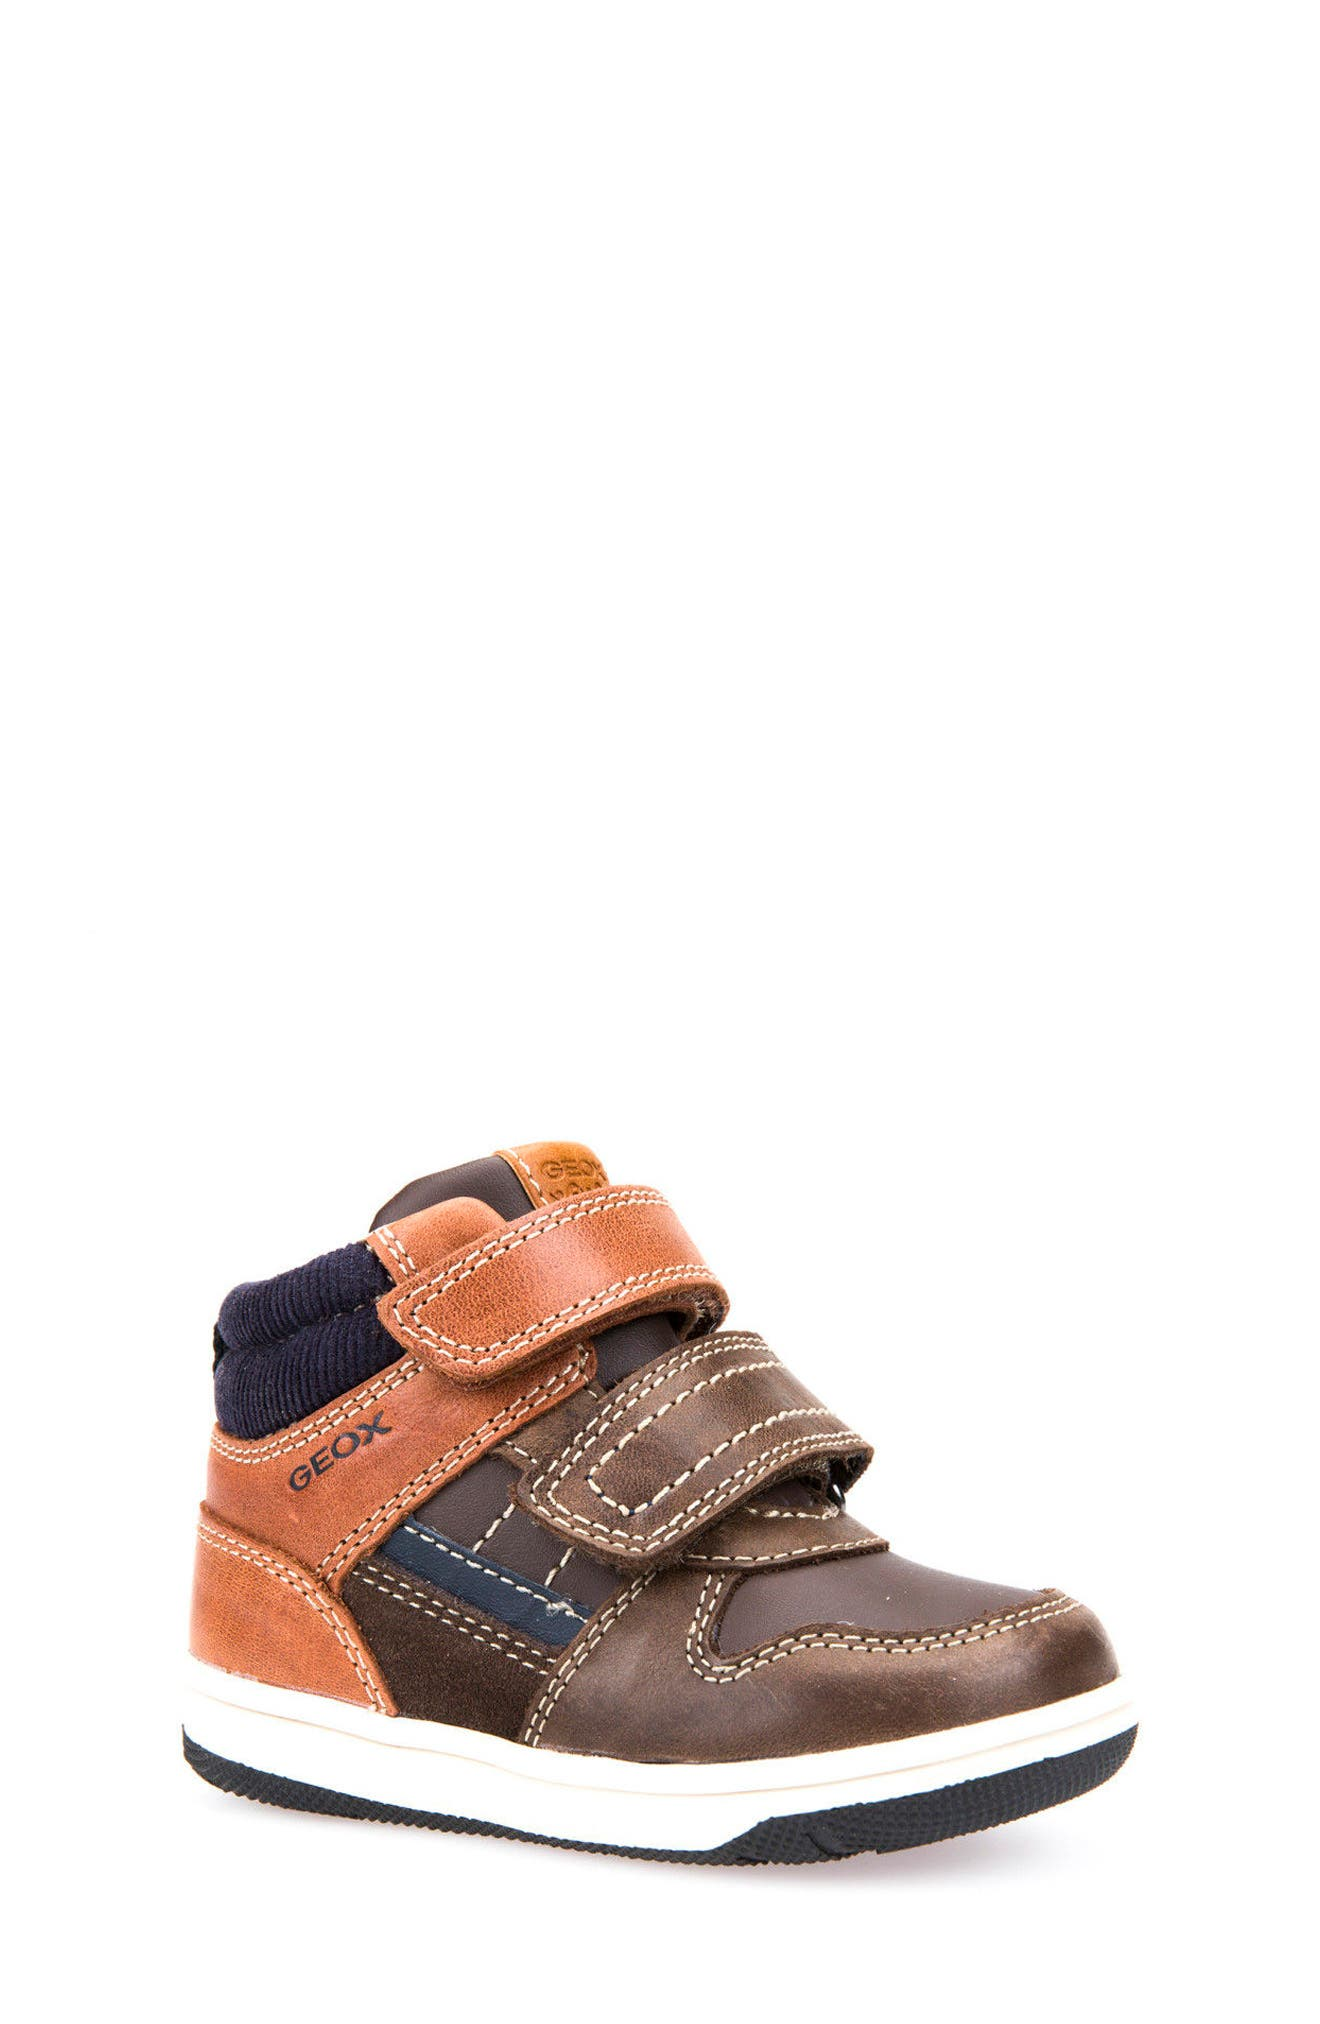 Geox New Flick Mid Top Sneaker (Walker & Toddler)